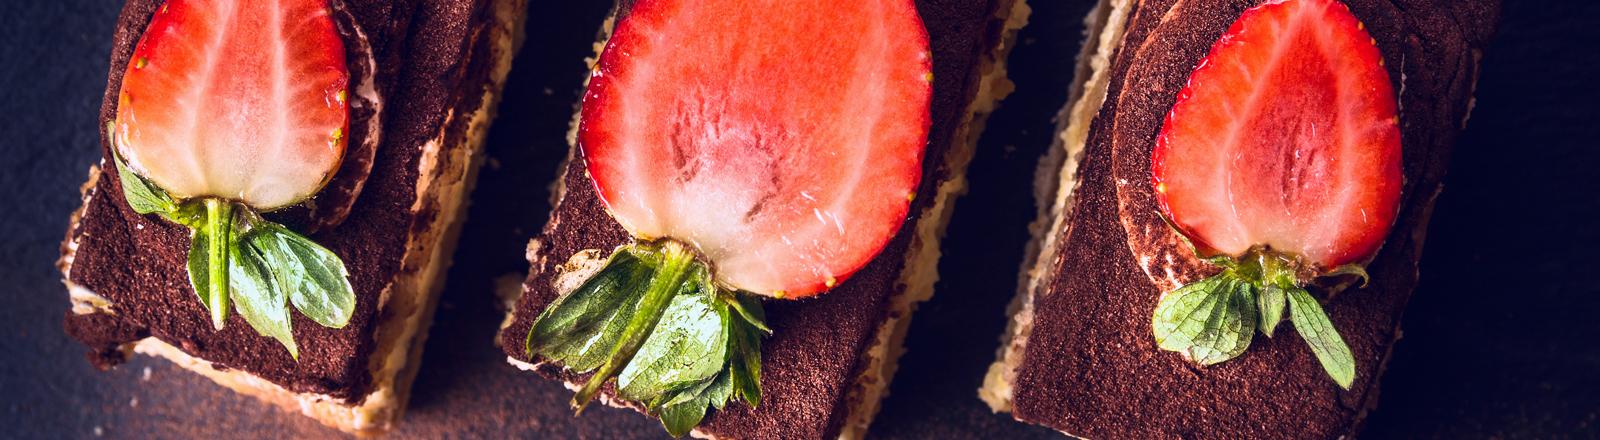 Tiramisu köstlich angerichtet mit halbierten Erdbeeren und Kakaostaub